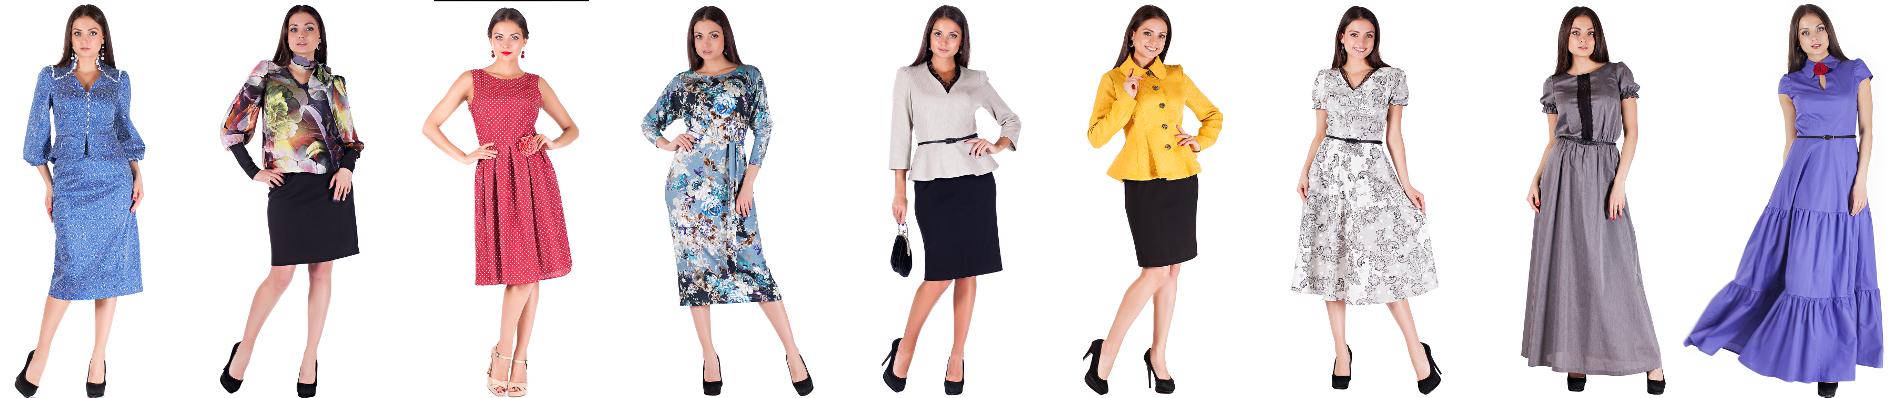 Сбор заказов. Долгожданная, роскошная женская одежда M.a.n.n.o.n - настоящий французский шик: превосходные ткани, утонченный дизайн, выполненный в европейском дизайн-бюро - 2. Цены с купивип делим пополам ;)